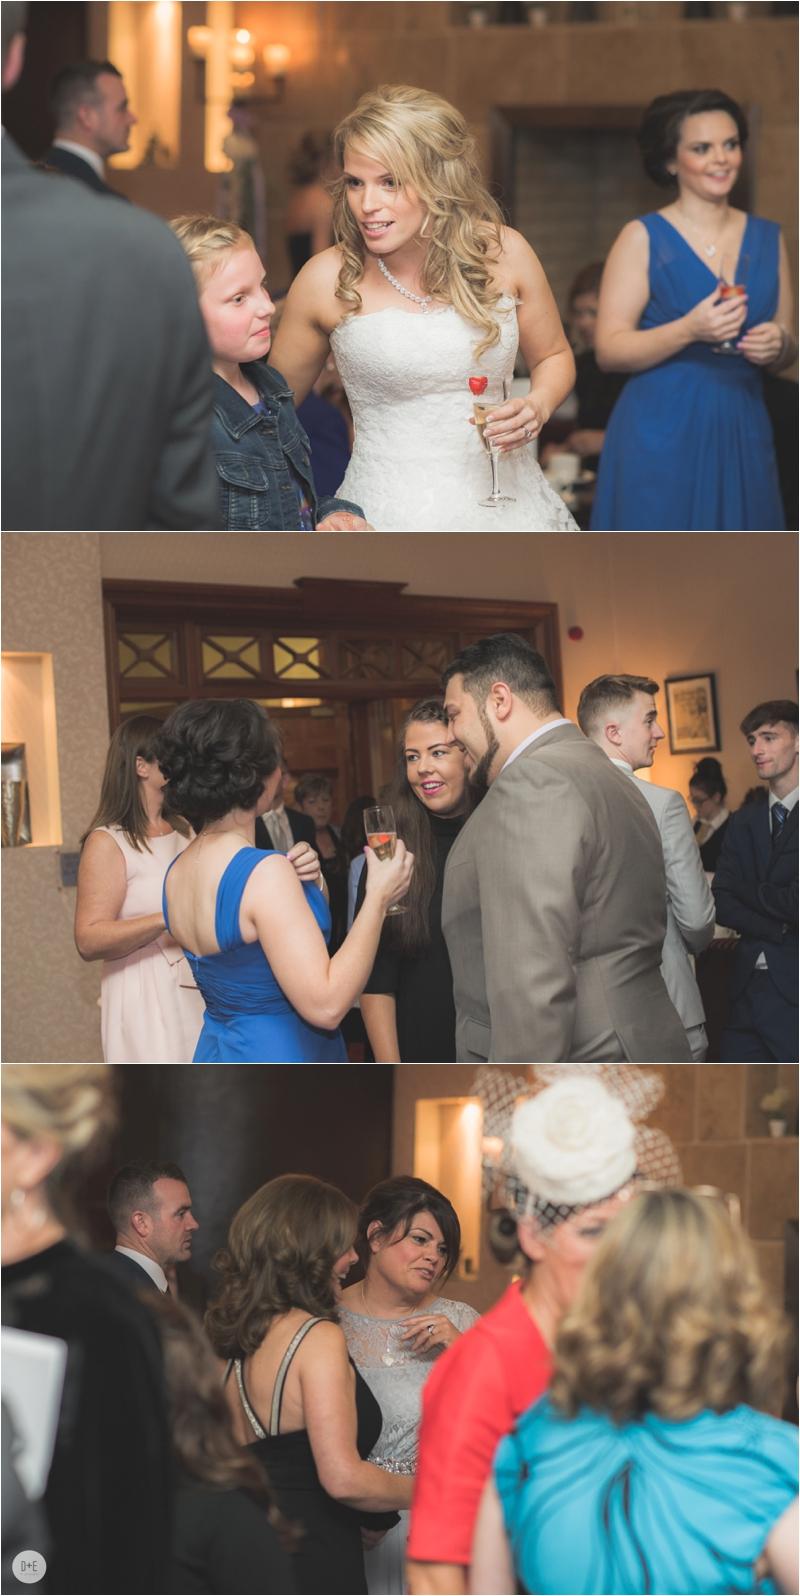 sinead-brett-wedding-hamlet-hotel-ireland-deanella.com_0091